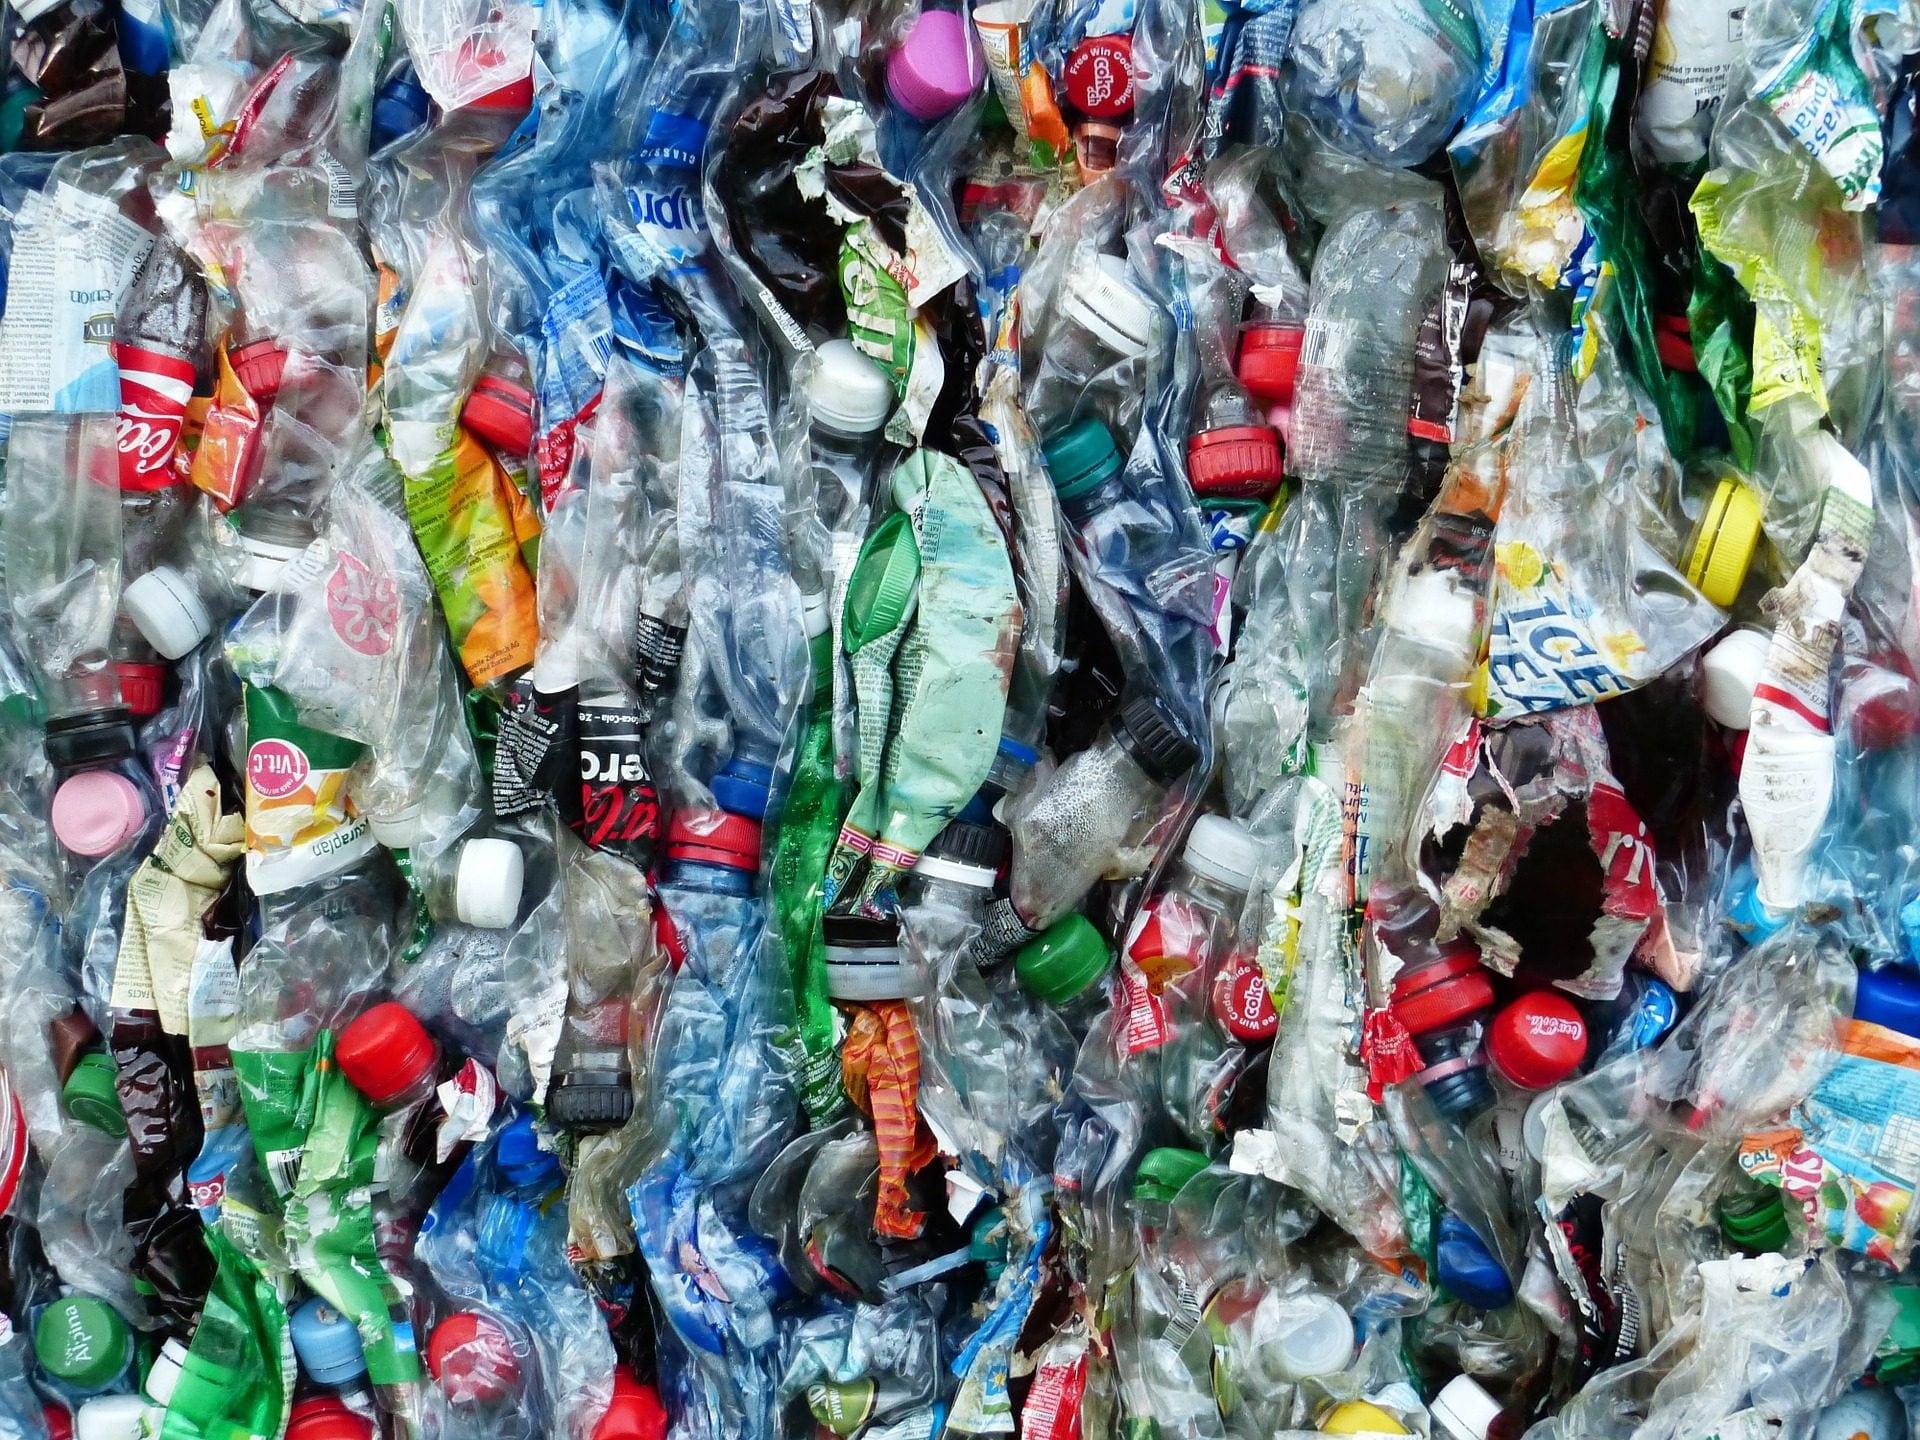 bottiglie di plastica-plastica-plastica nei mari-ambiente-inquinamento-inquinamento marino-plastica monouso-italia-europa-angelo andrea vegliante-fanpage.it